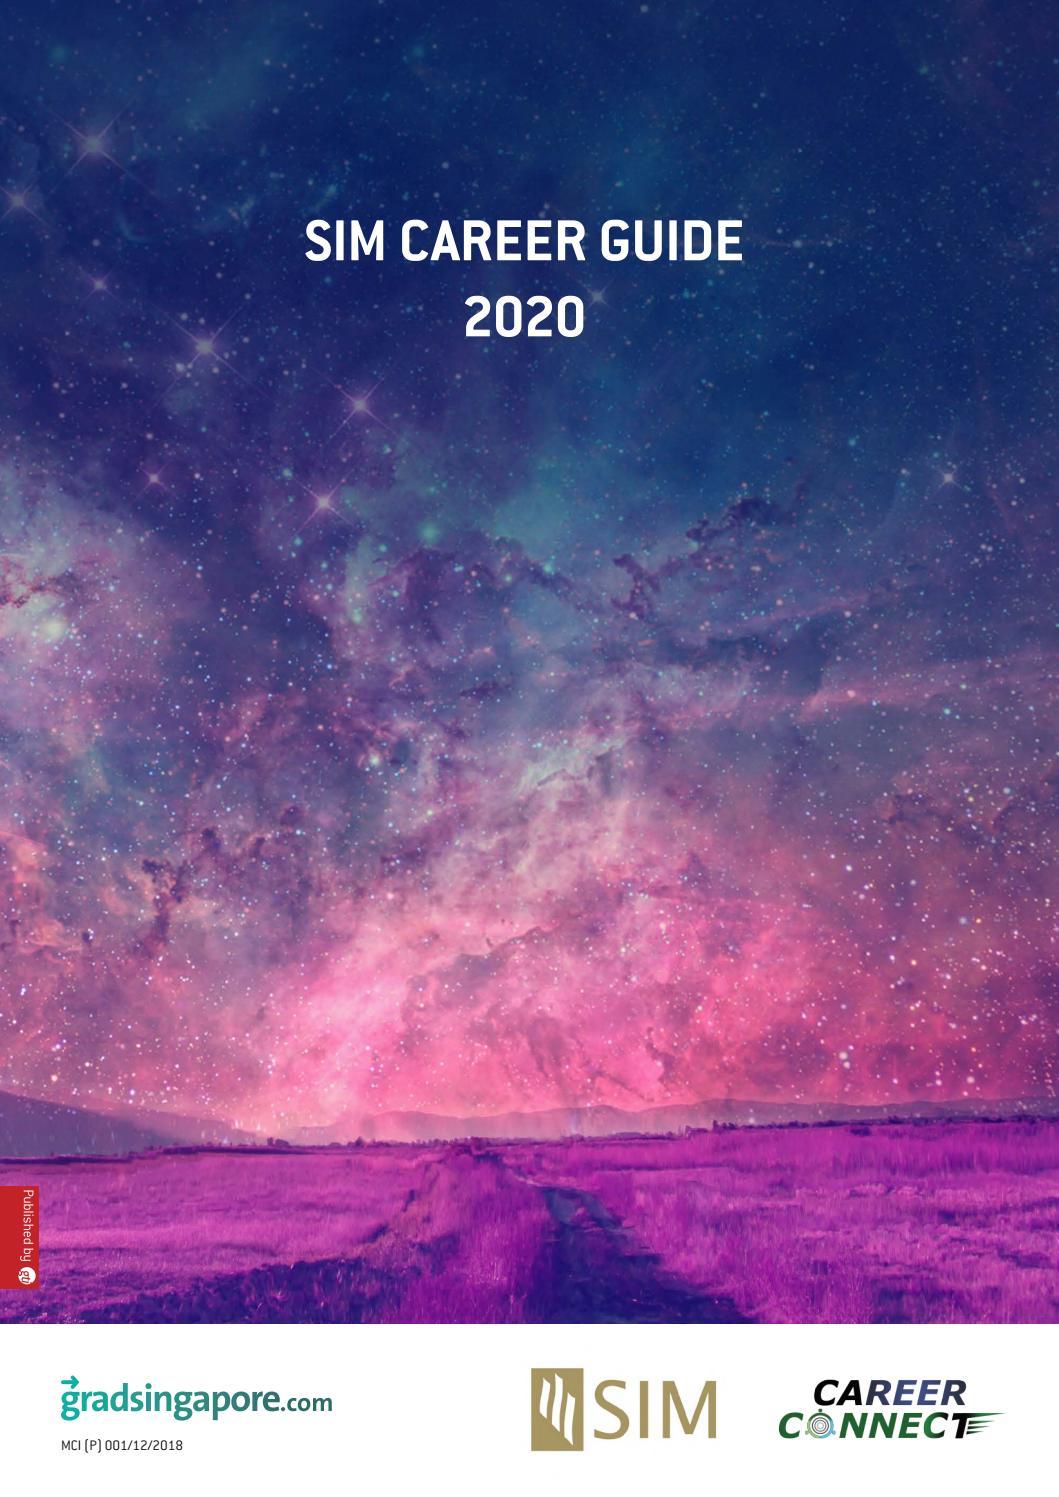 Sim Career Guide 2020 By Gti Media Asia Issuu